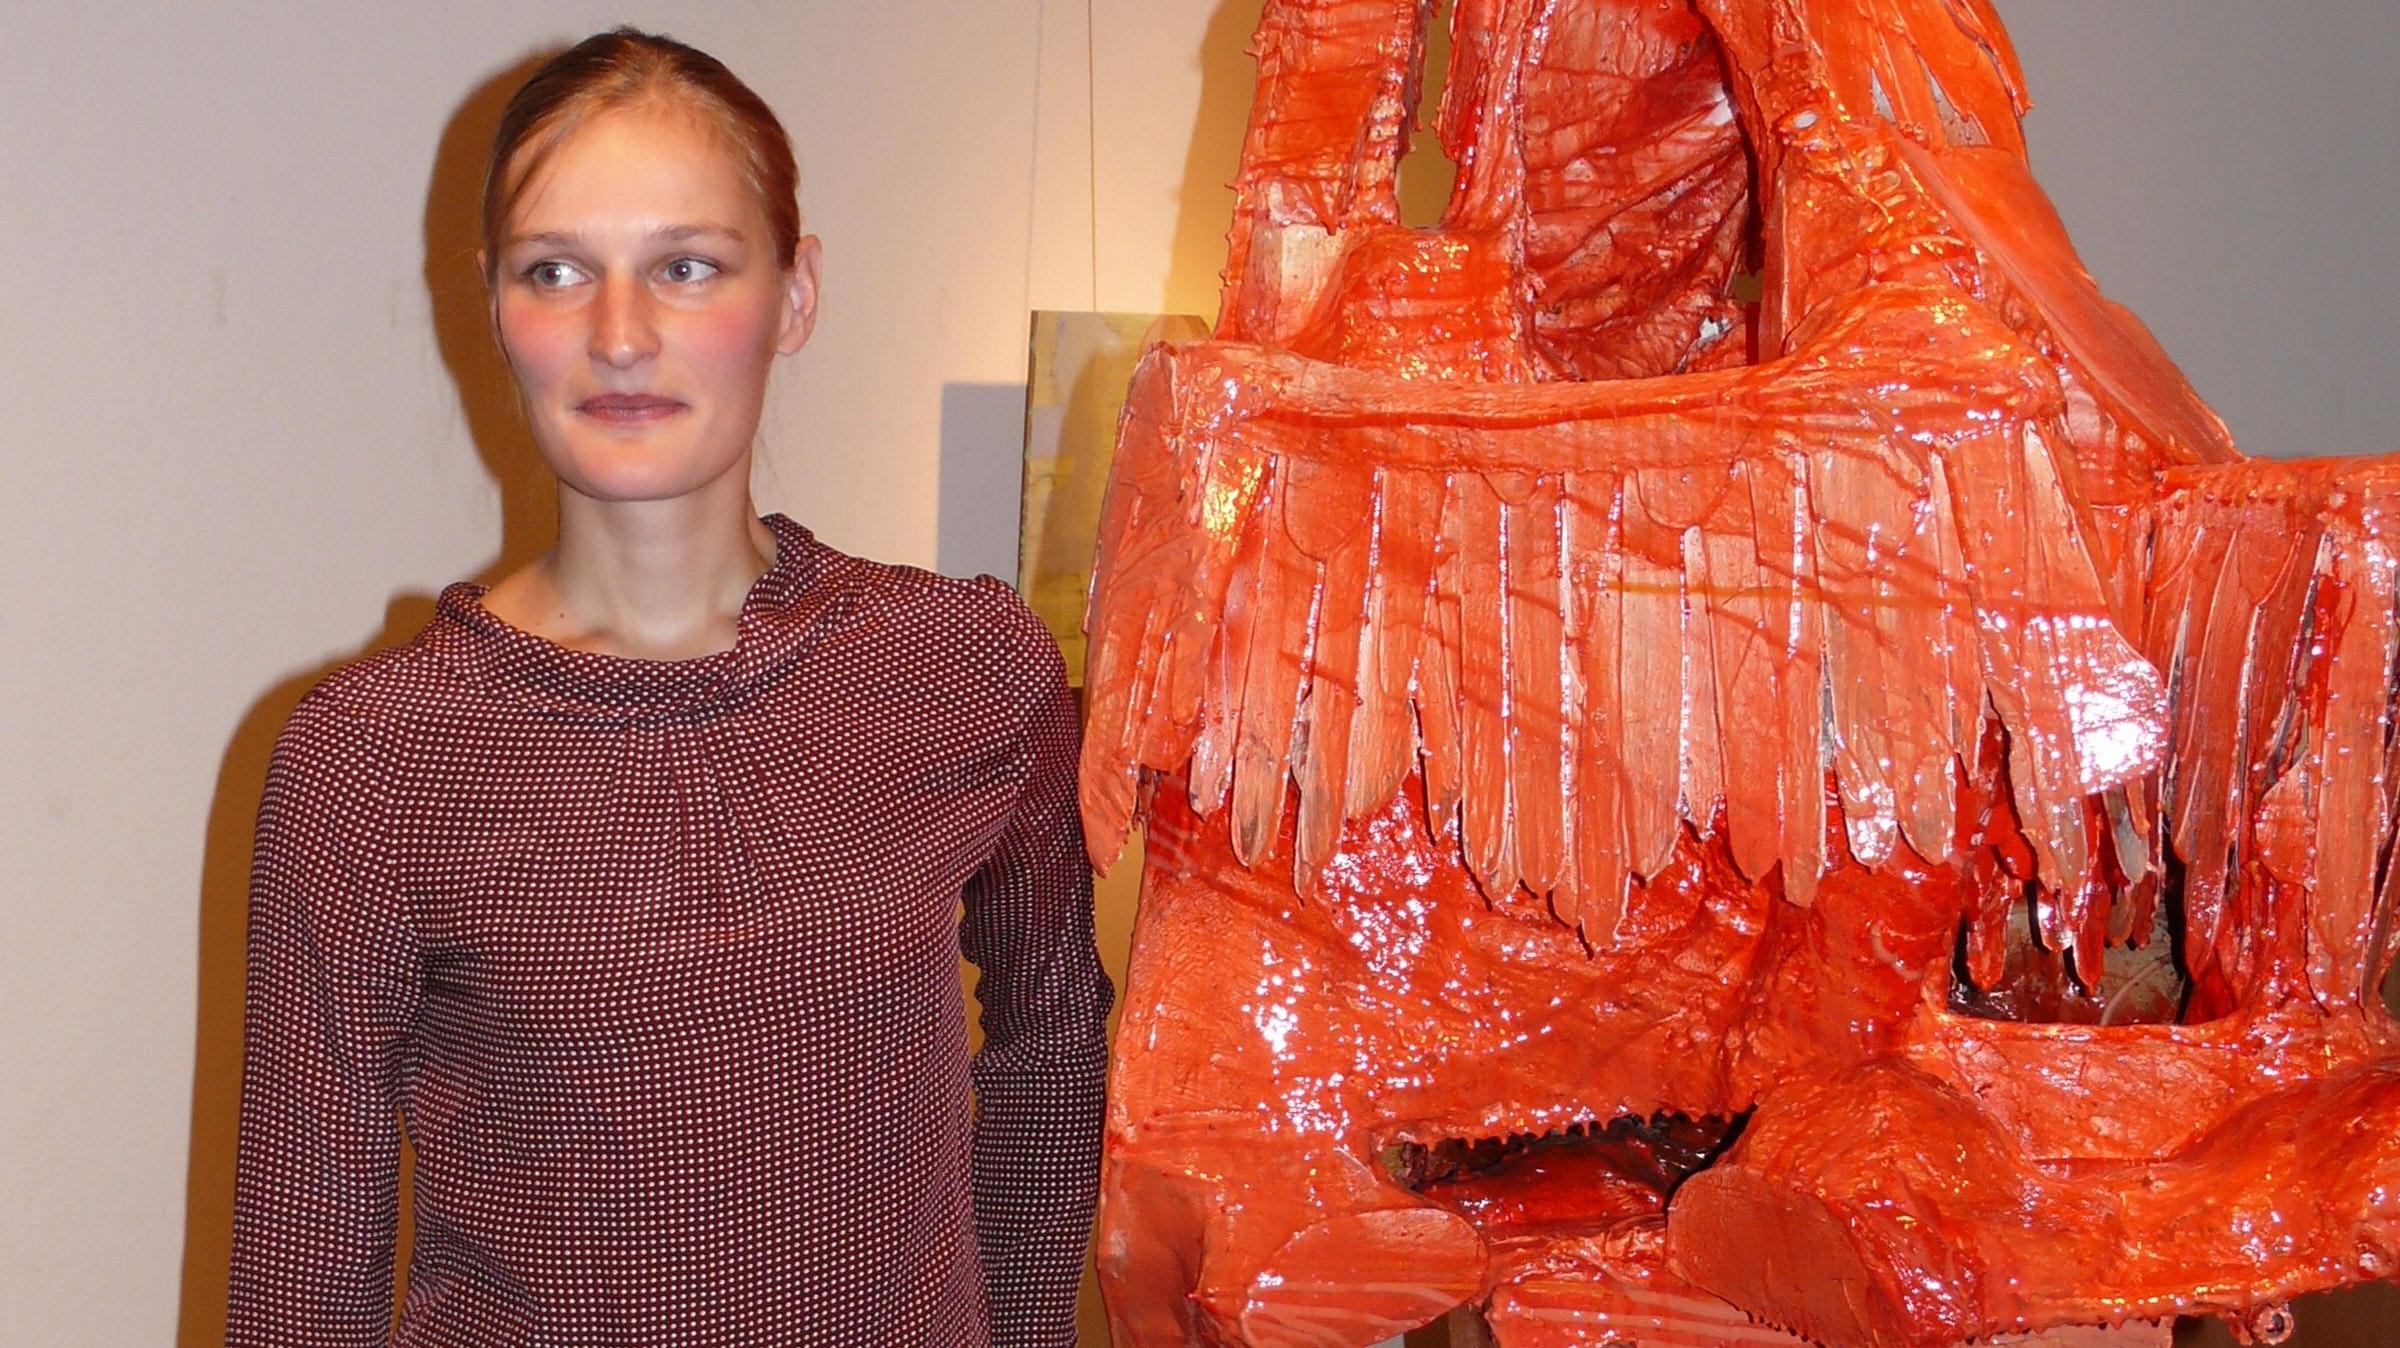 Eine Frau mit Mumm: Charlotte Mumm beeindruckte 2011 mit Experimentierfreude. Foto: Thomann